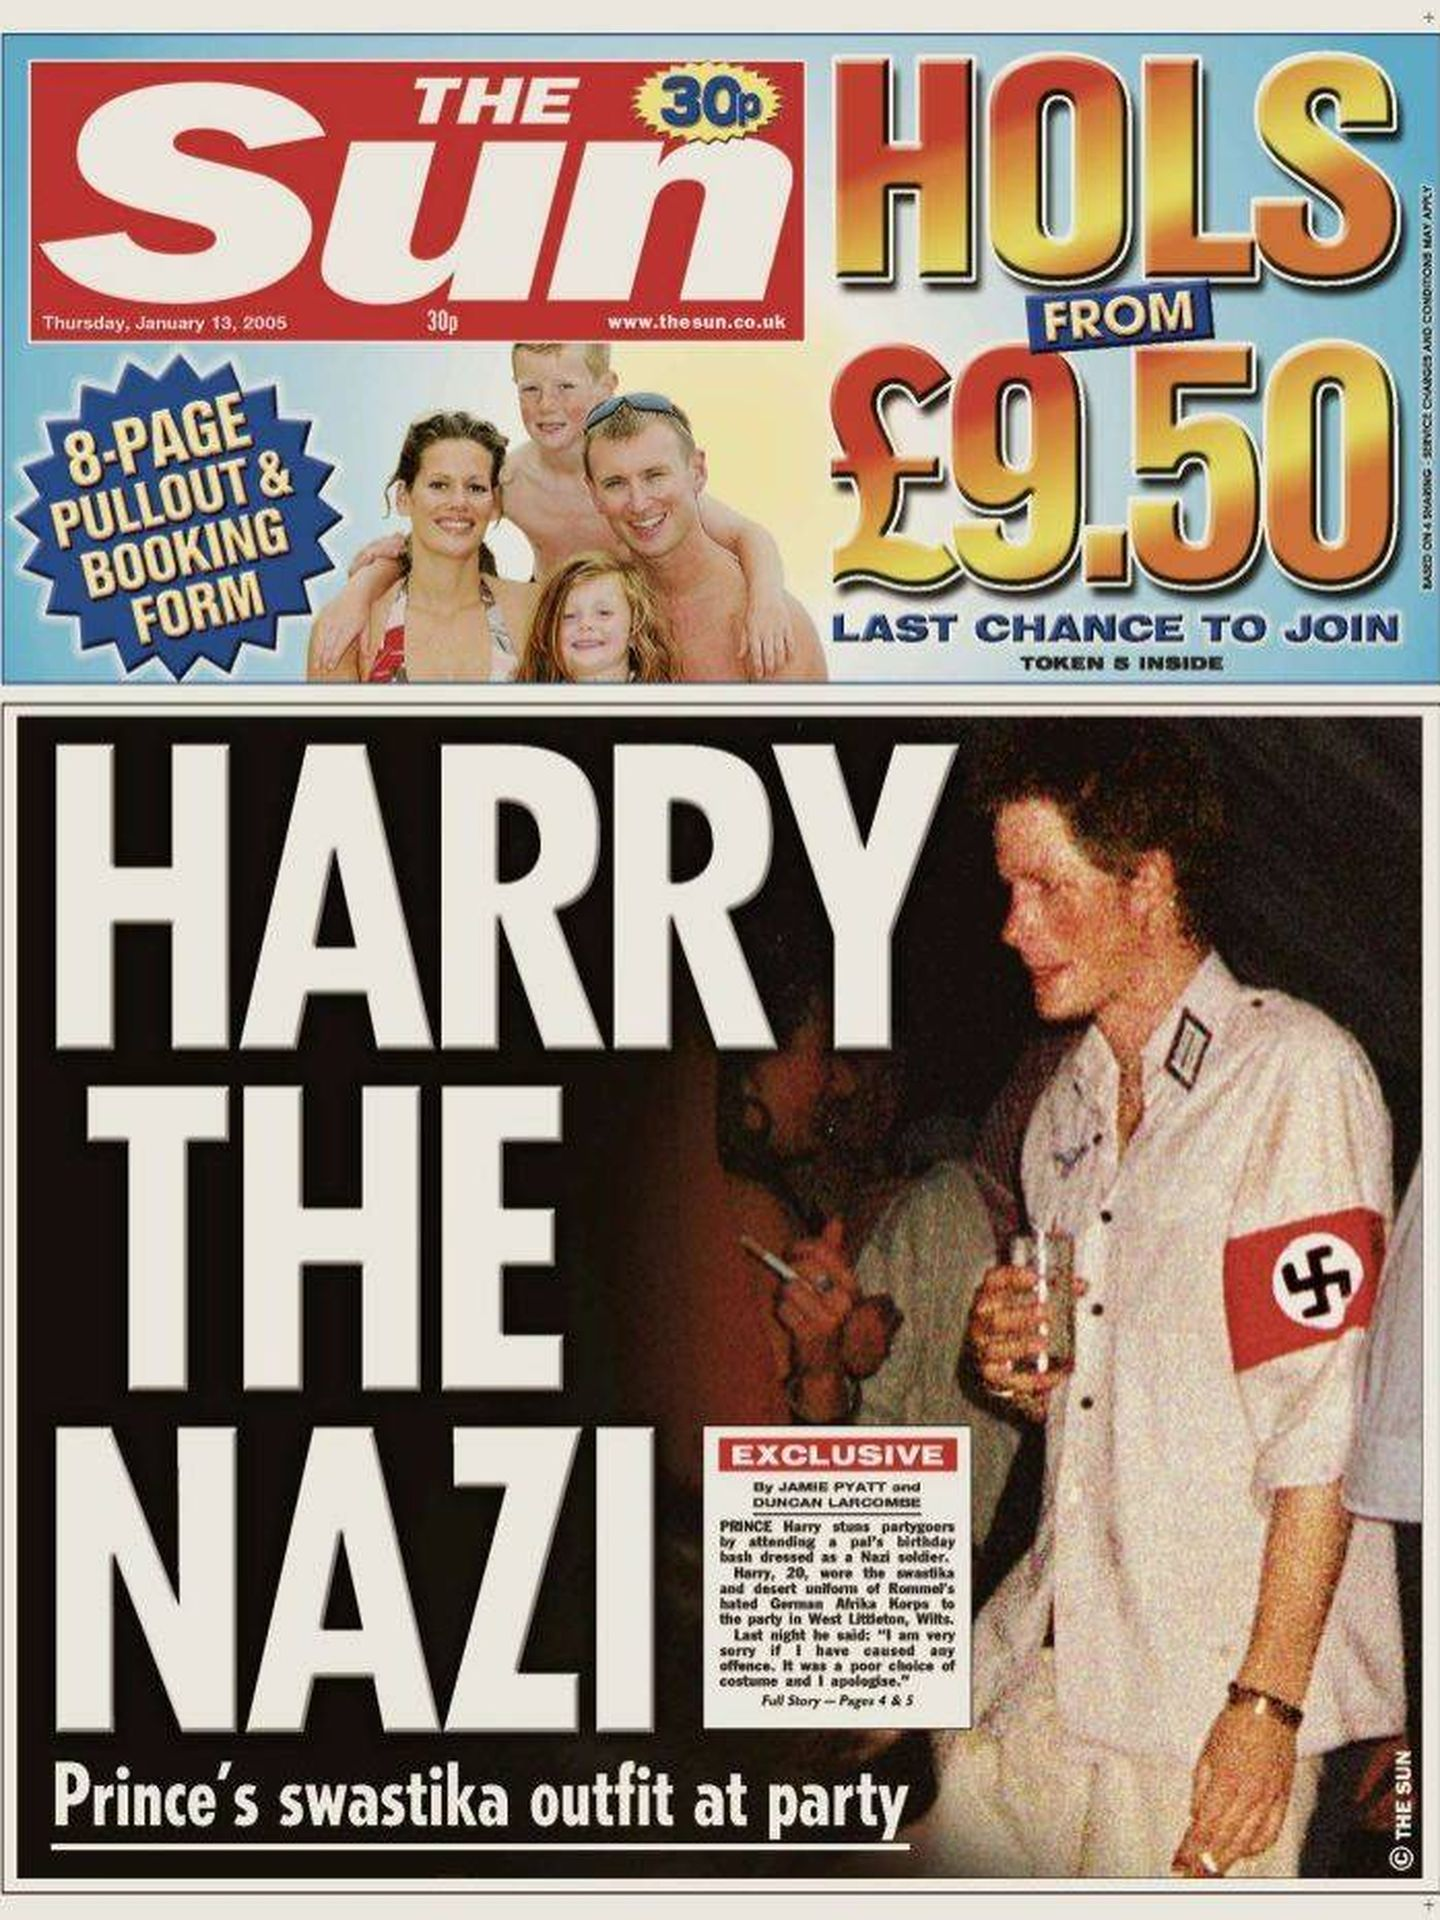 El príncipe Harry, disfrazado de nazi. (The Sun)